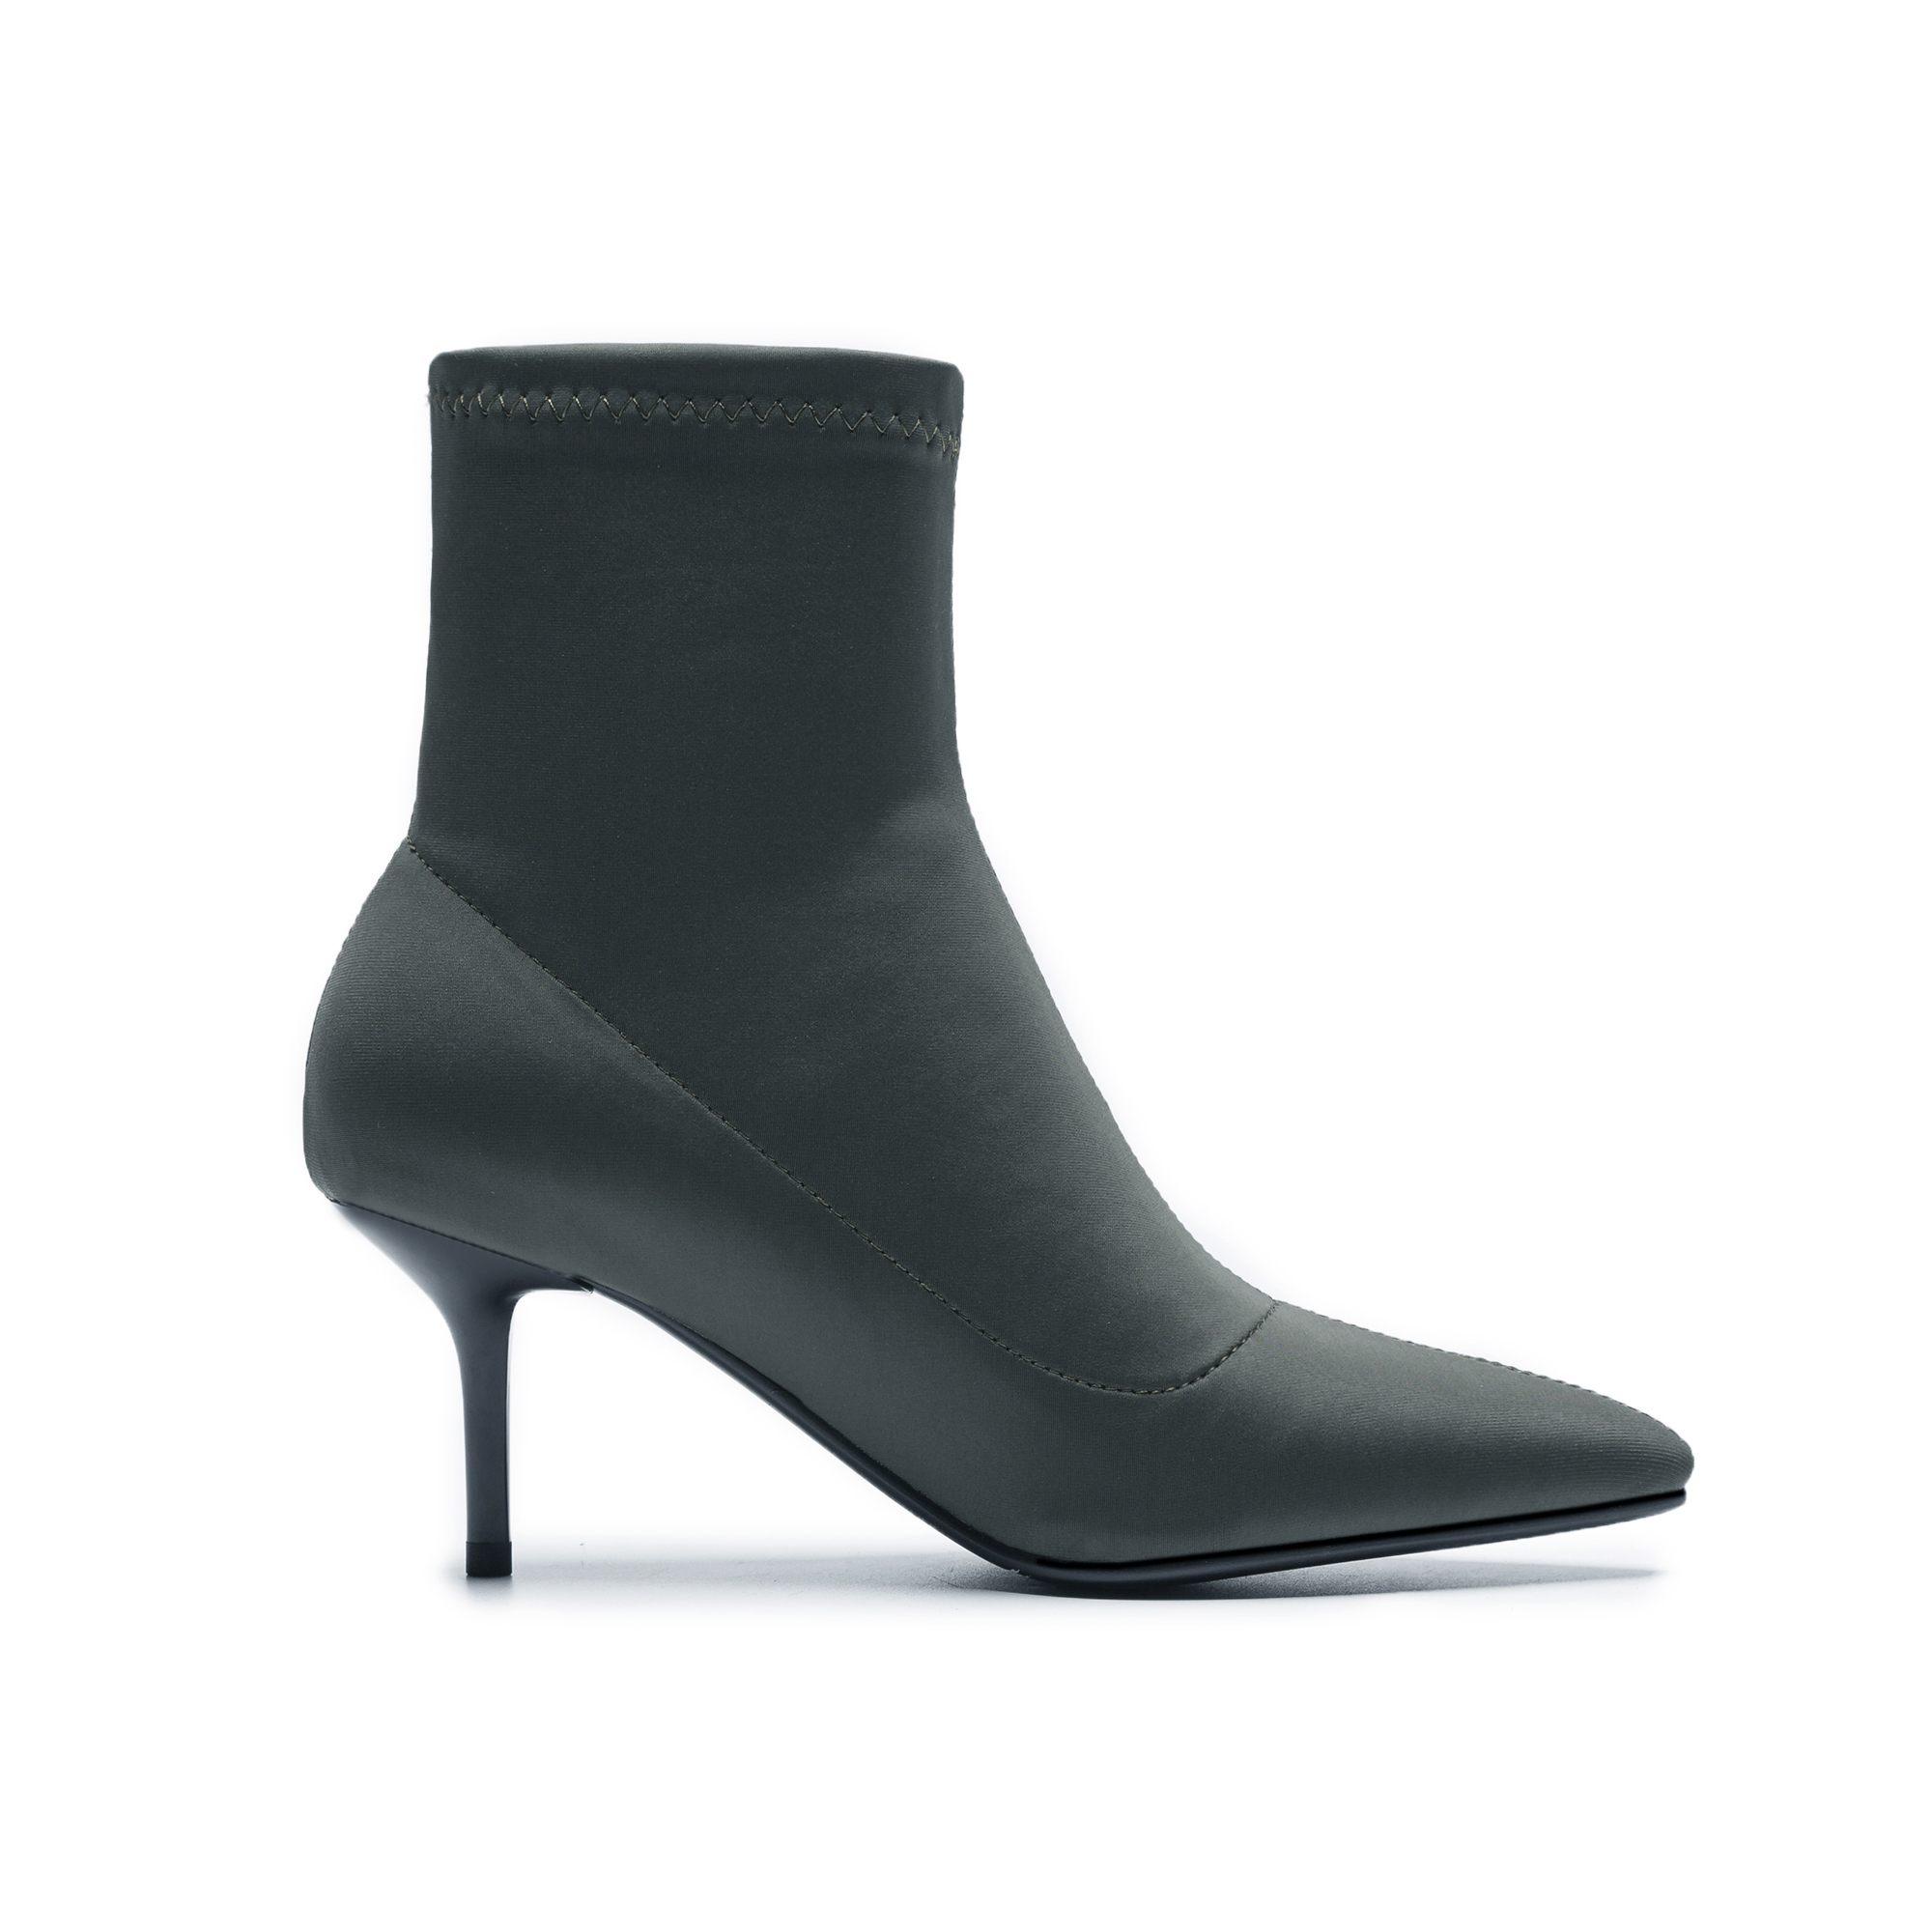 Automne Bout Partie 2018 Satin Pour Black green De Bottes Mode Stretch Pointu Chaussures Cr657 Femme Talons Enmayer Aiguilles Bottines vwPNnym80O